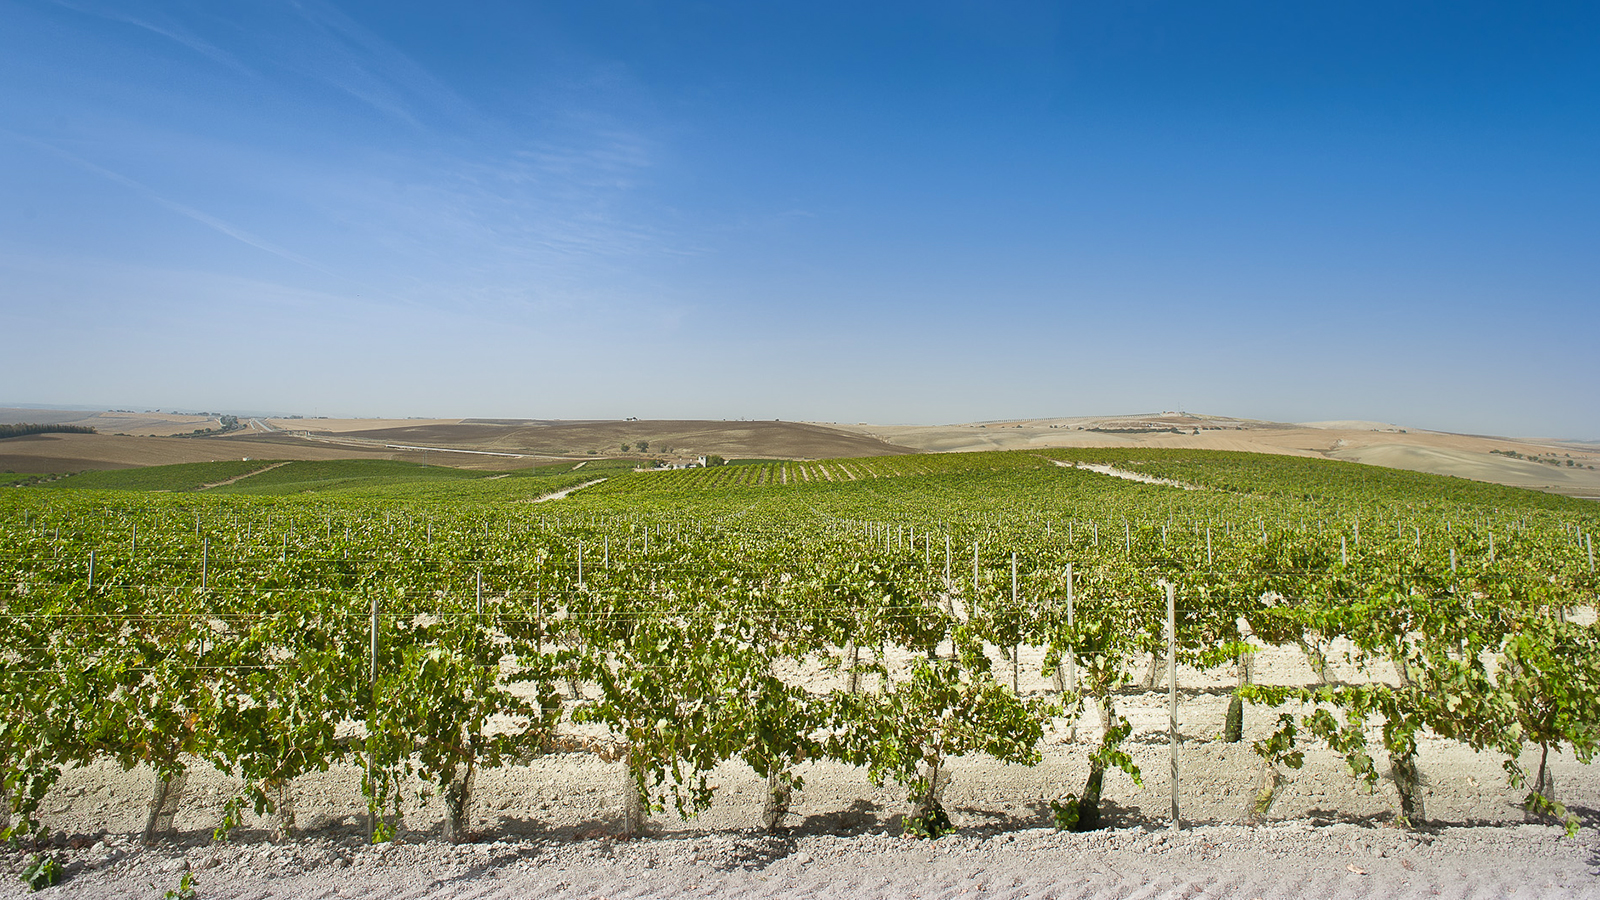 image courtesy of winespectator.com